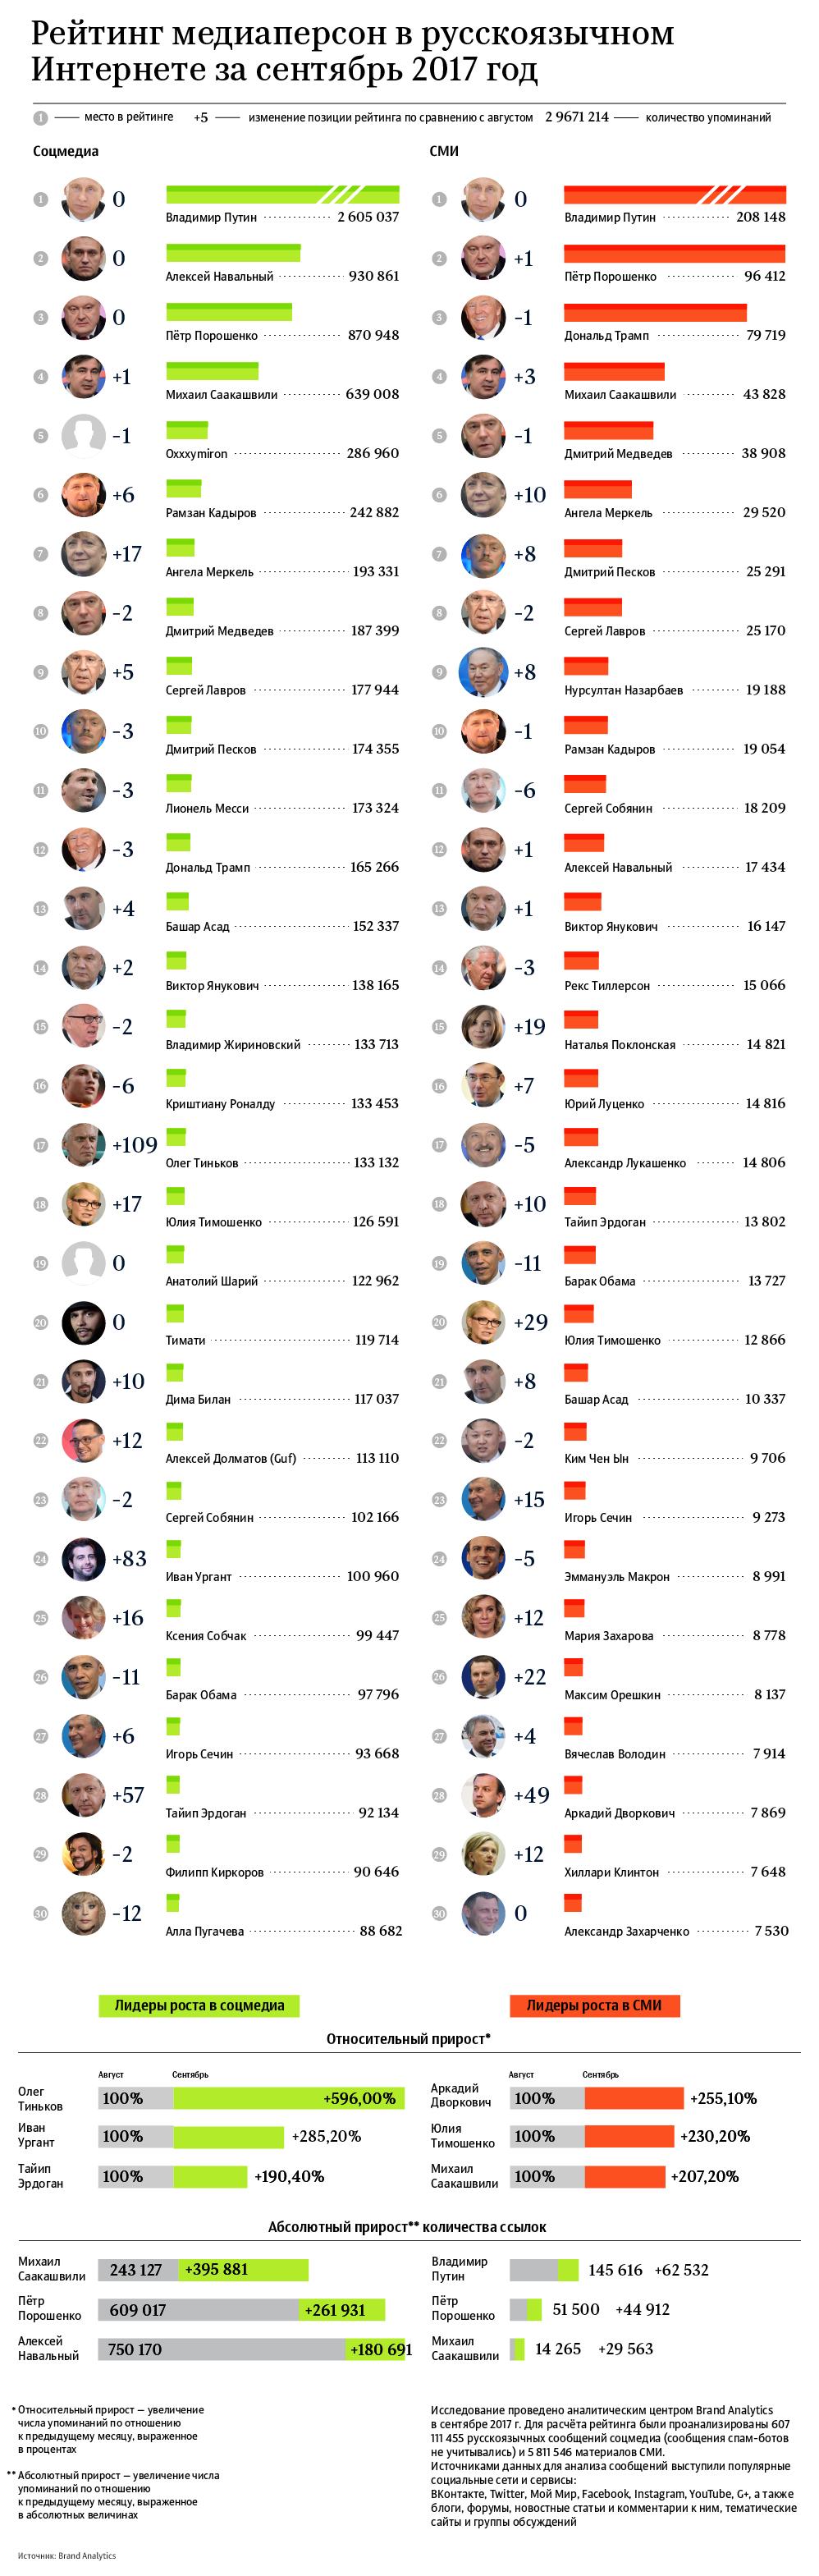 Рейтинг медиаперсон в русскоязычном интернете за сентябрь 2017 года